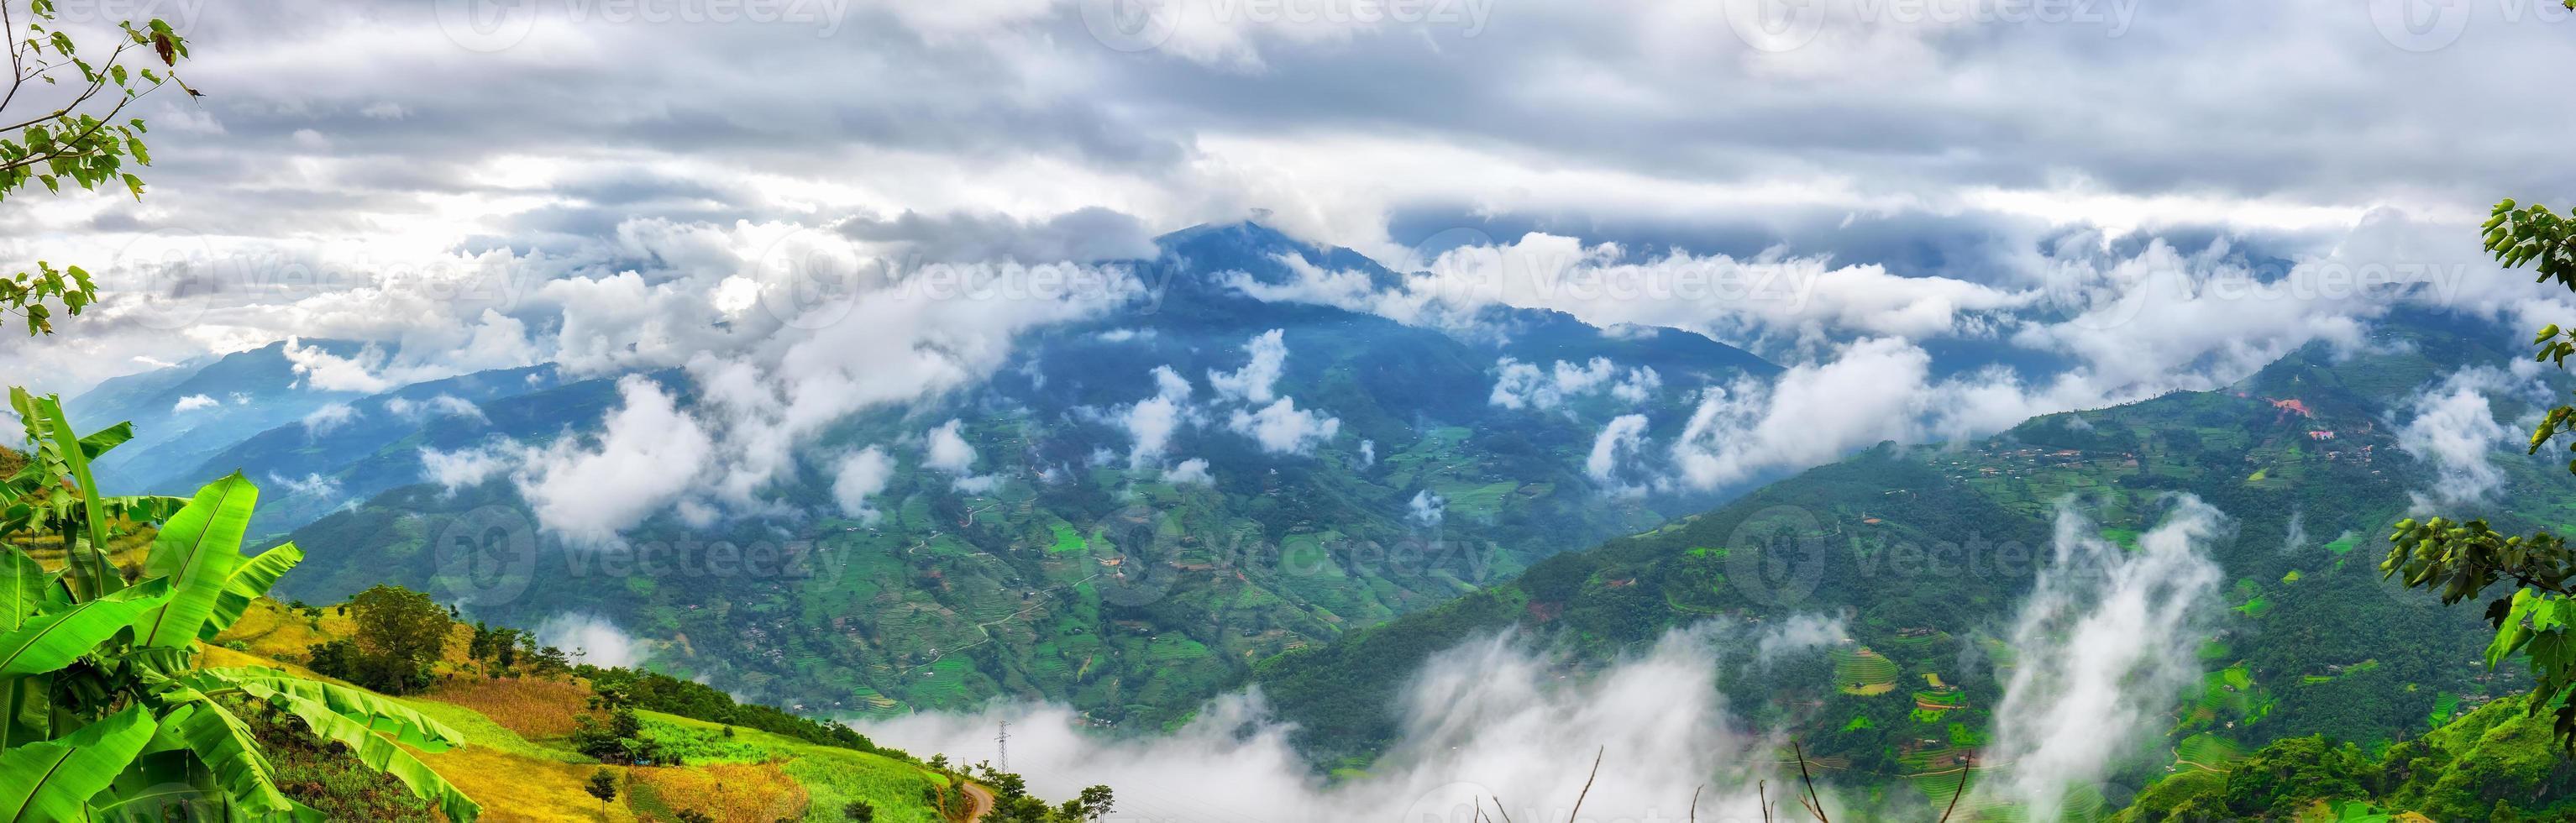 nuvole e montagna nord-ovest del Vietnam foto